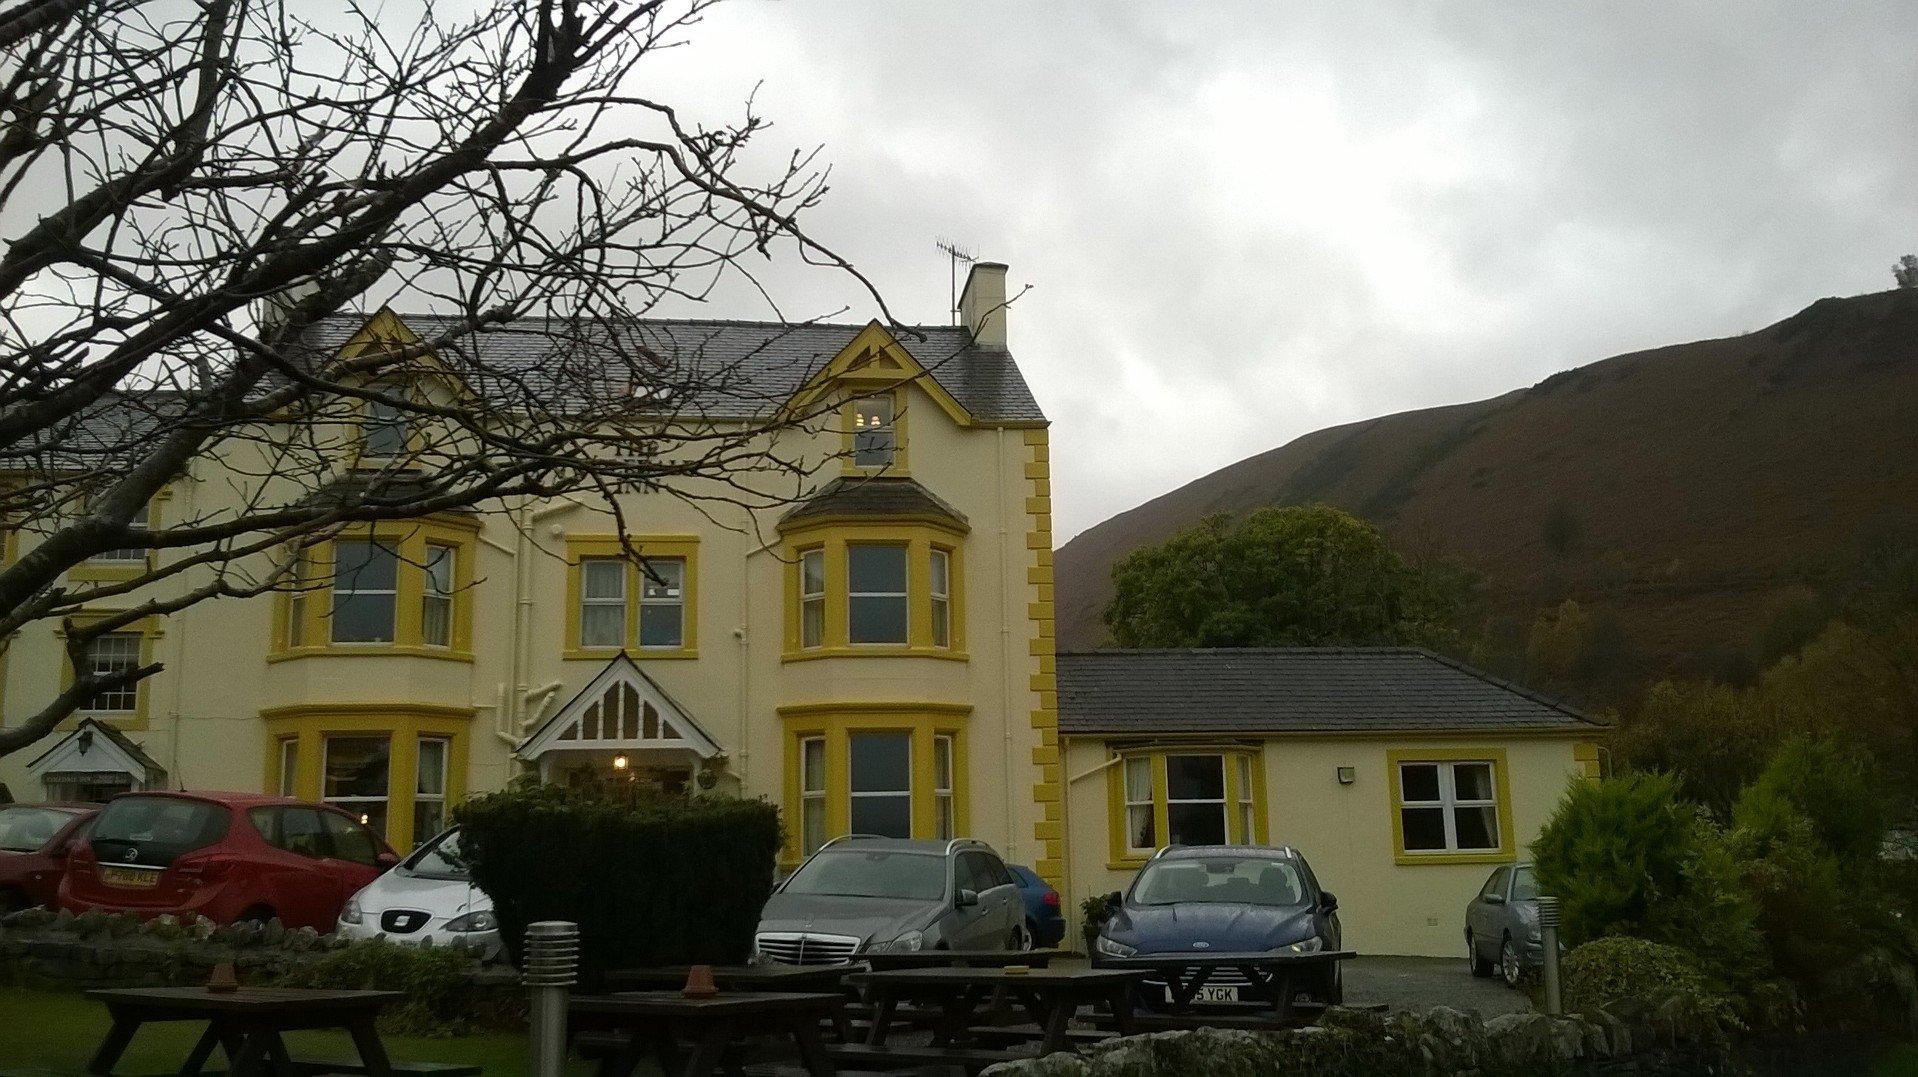 Coledale Inn